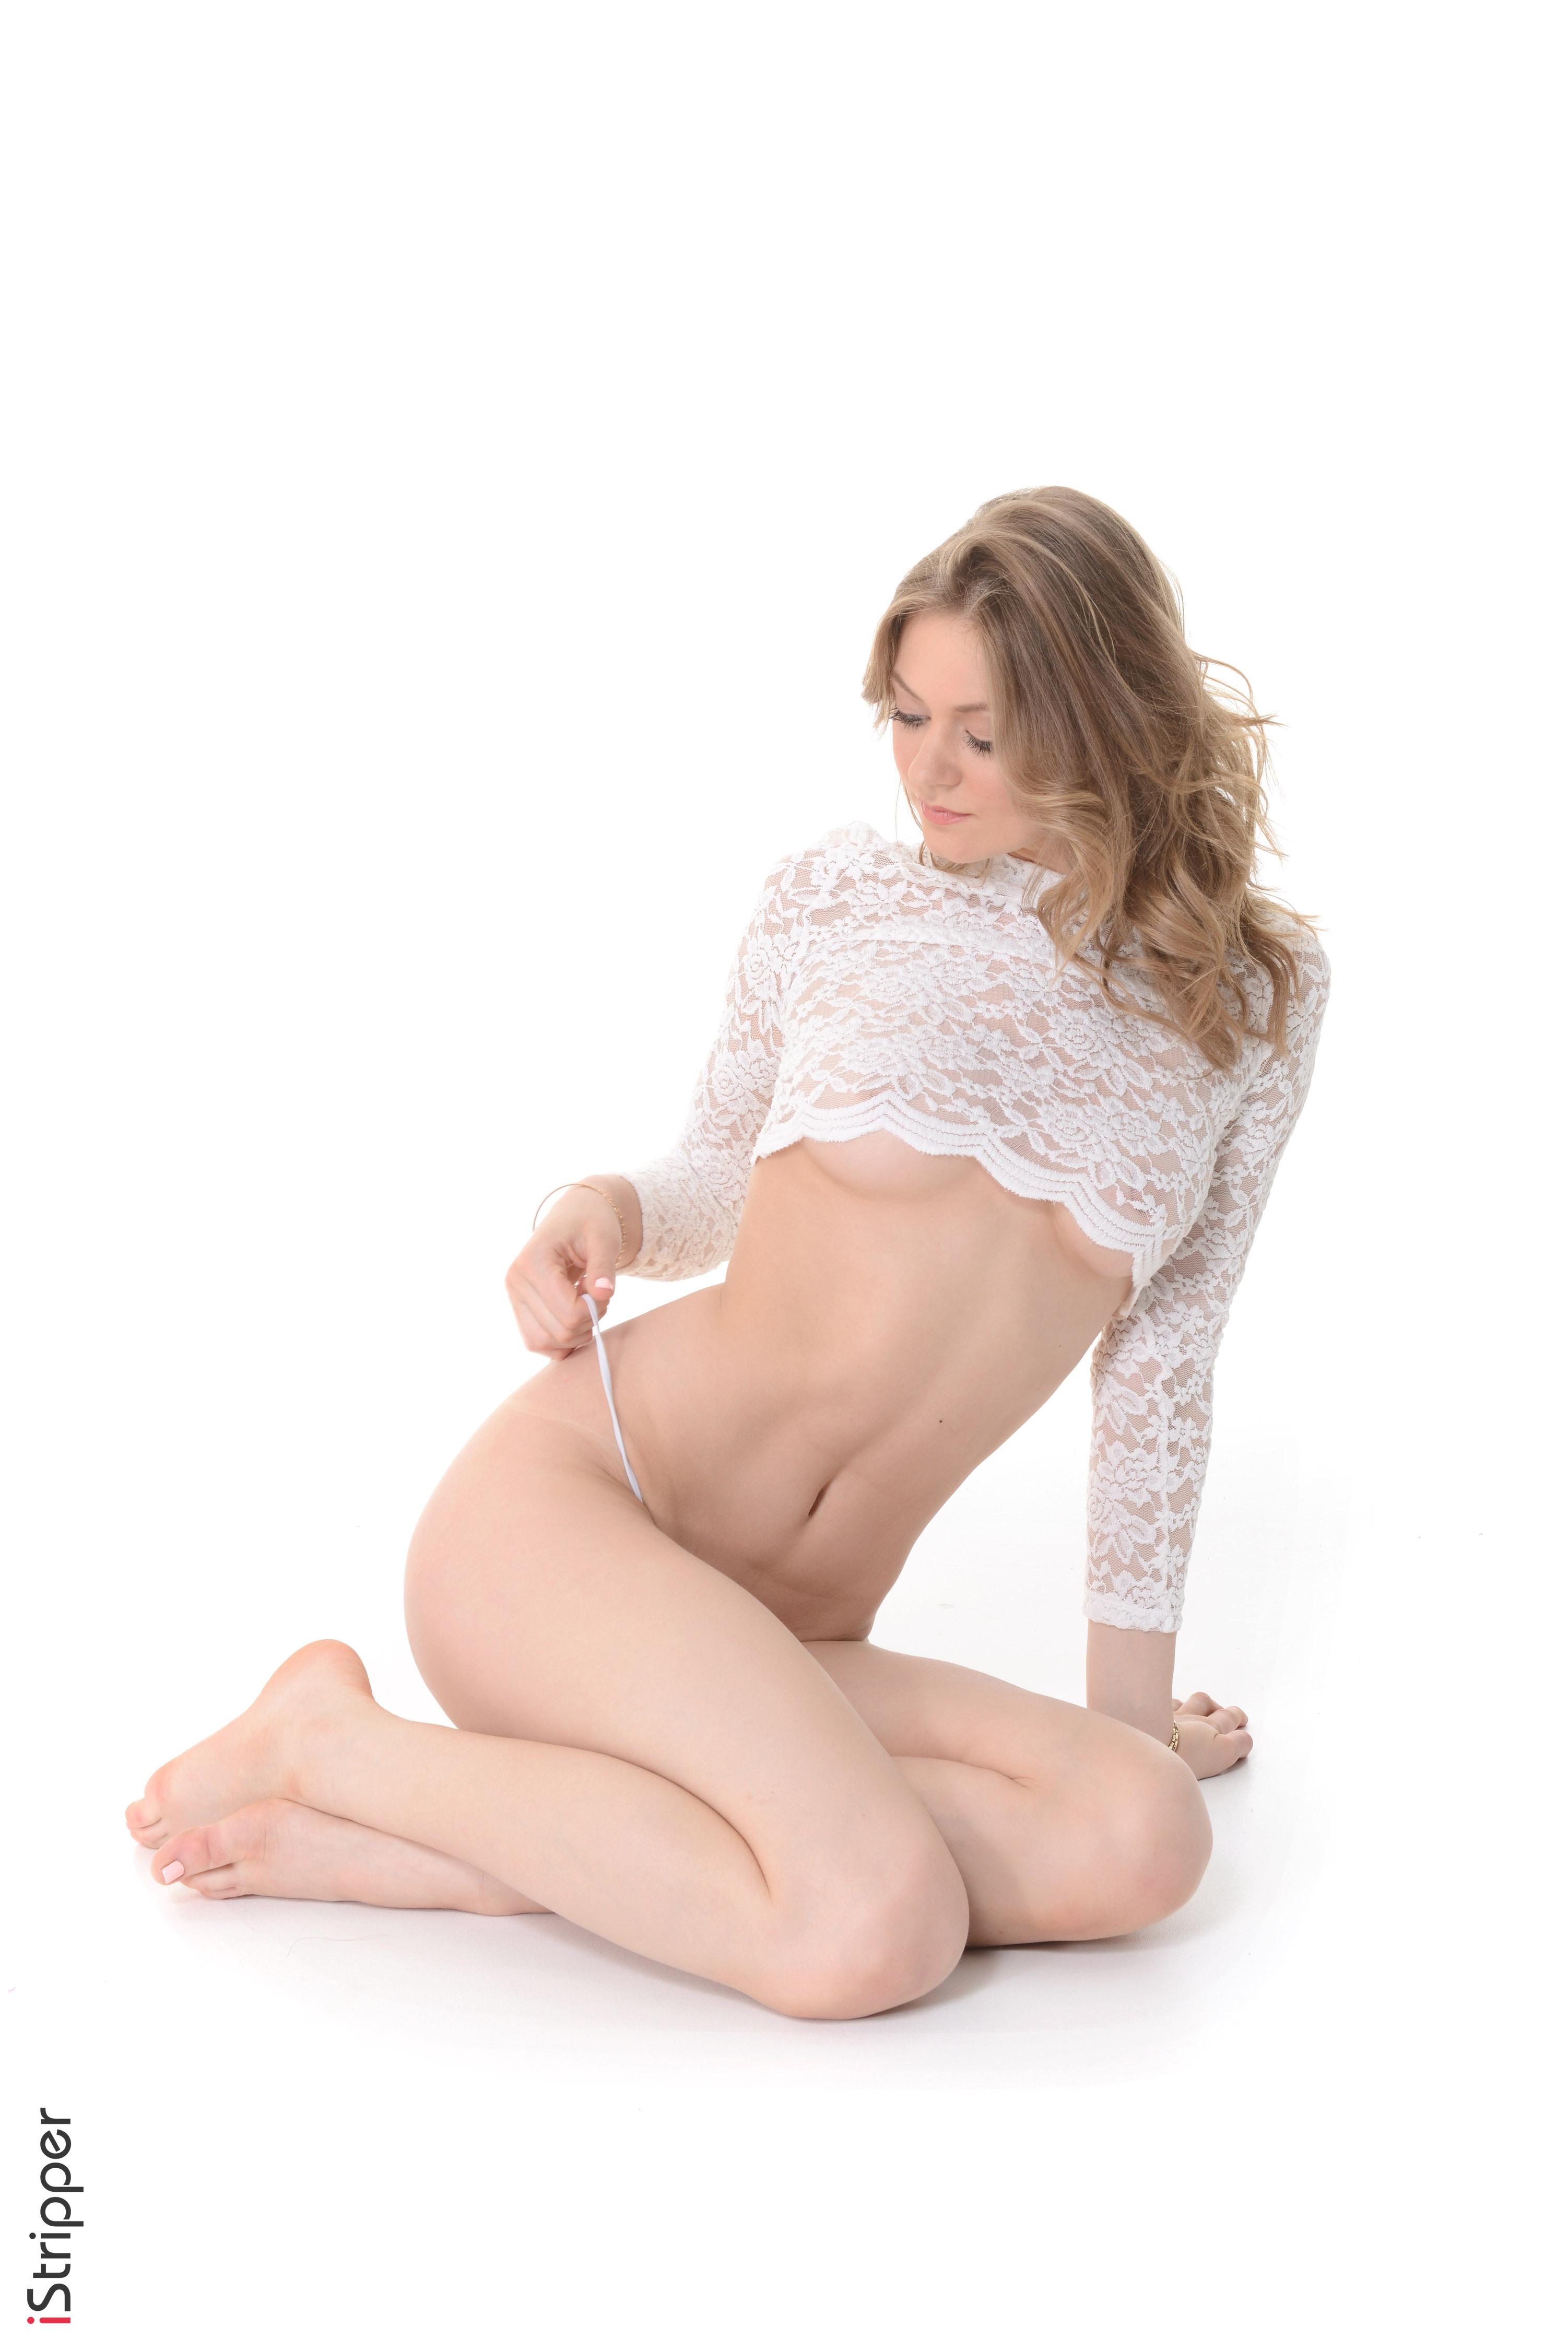 hot girls ass wallpaper